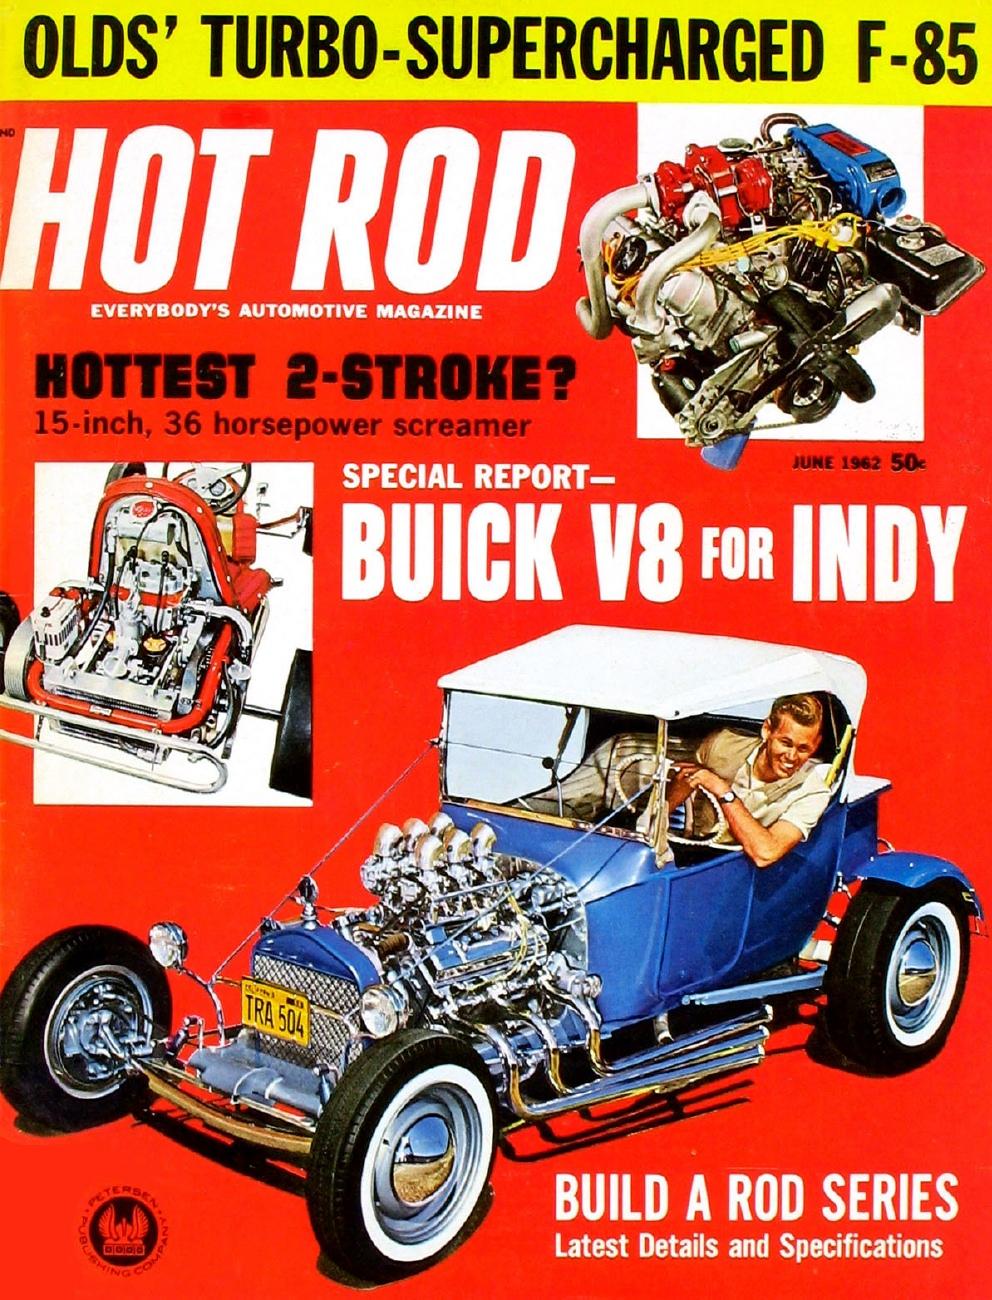 HOT ROD 1962 JUNE - HENRY J, CHRYSLER 300 SS/SA* - 1960-1969 - JIM'S MEGA  MAGAZINES